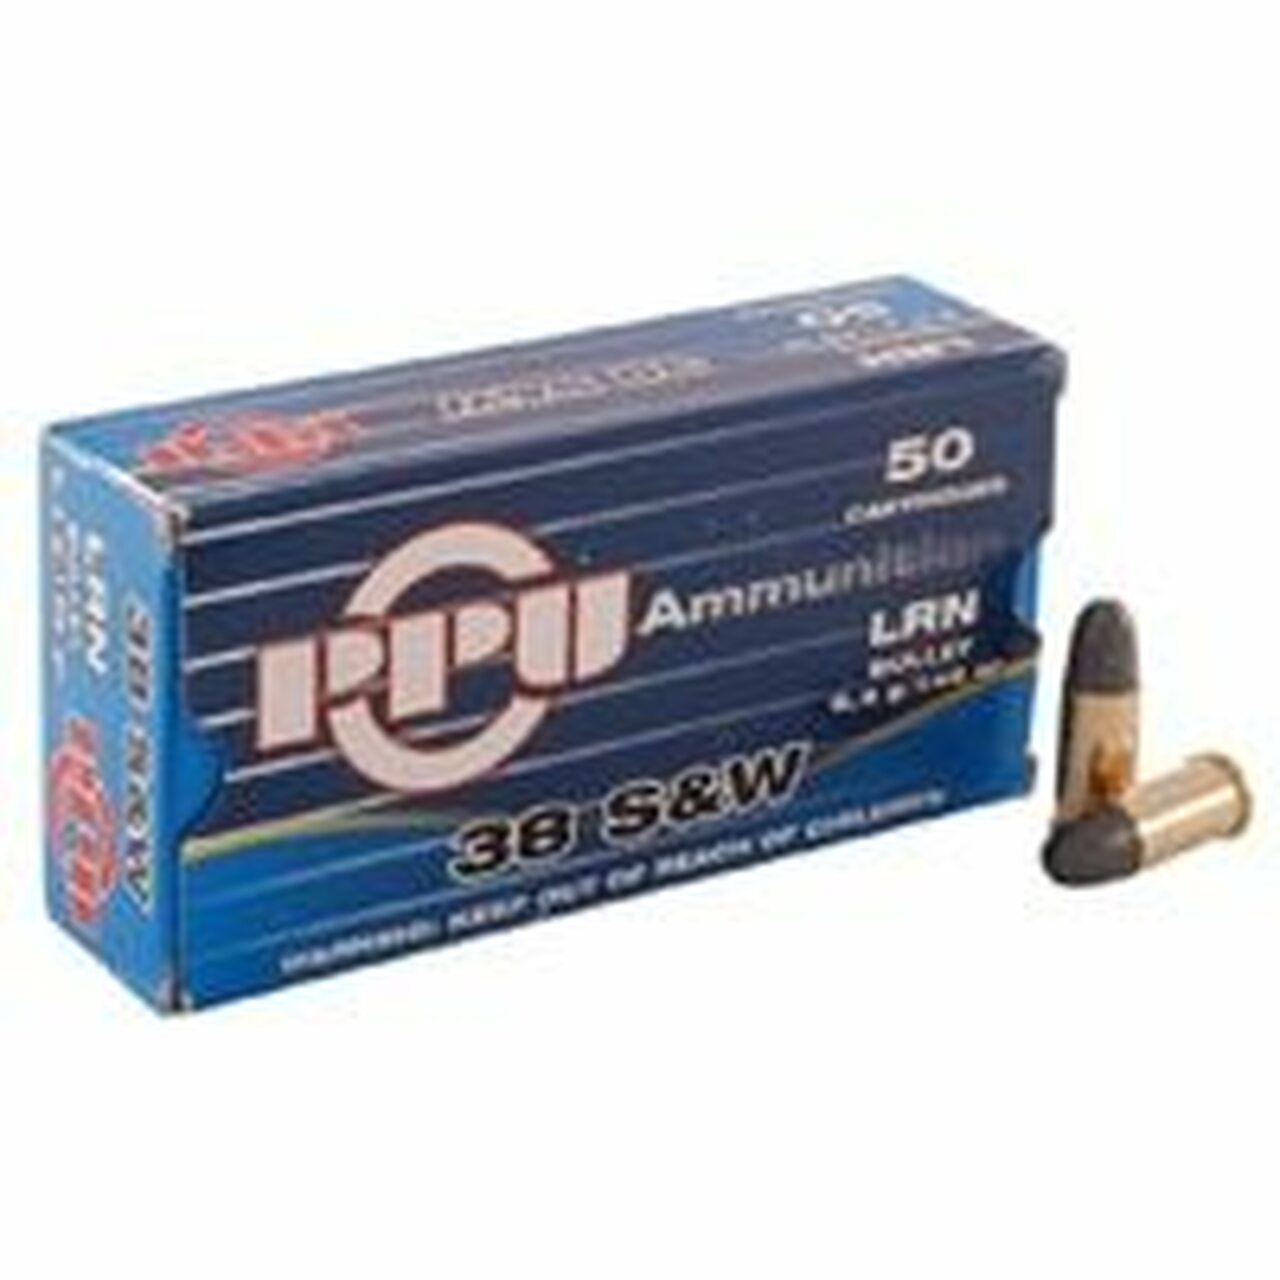 38 S&W Ammo